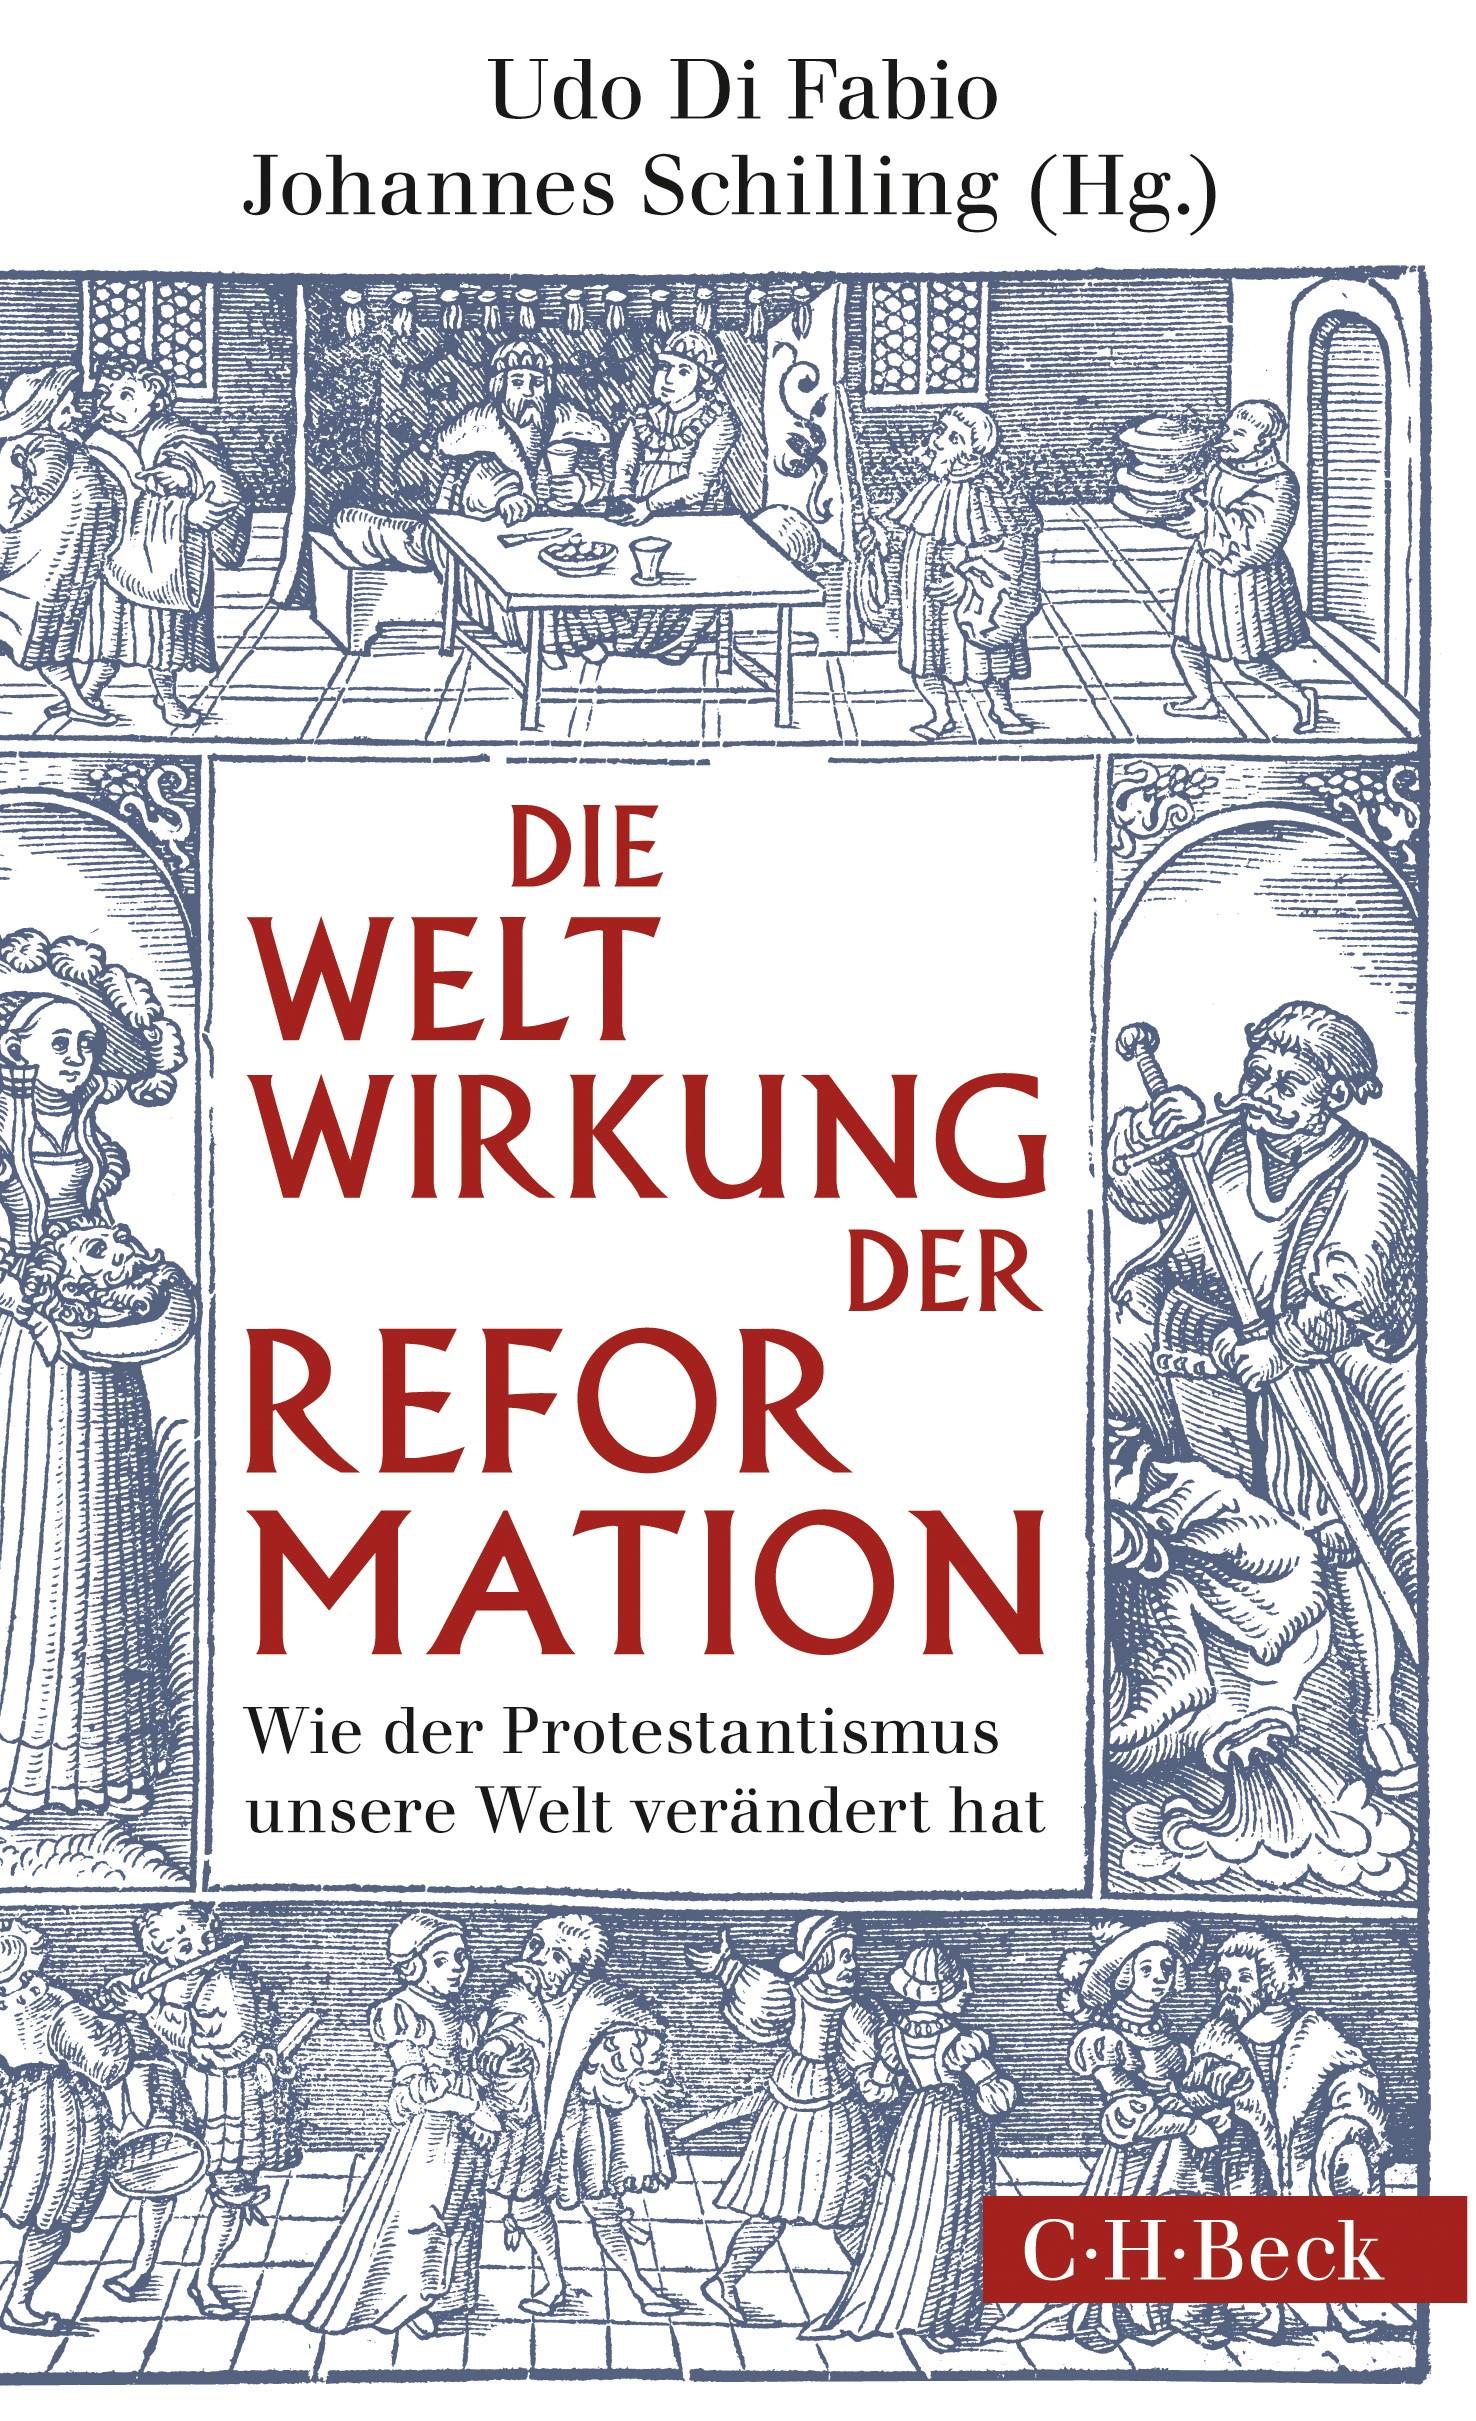 Cover des Buches 'Weltwirkung der Reformation'